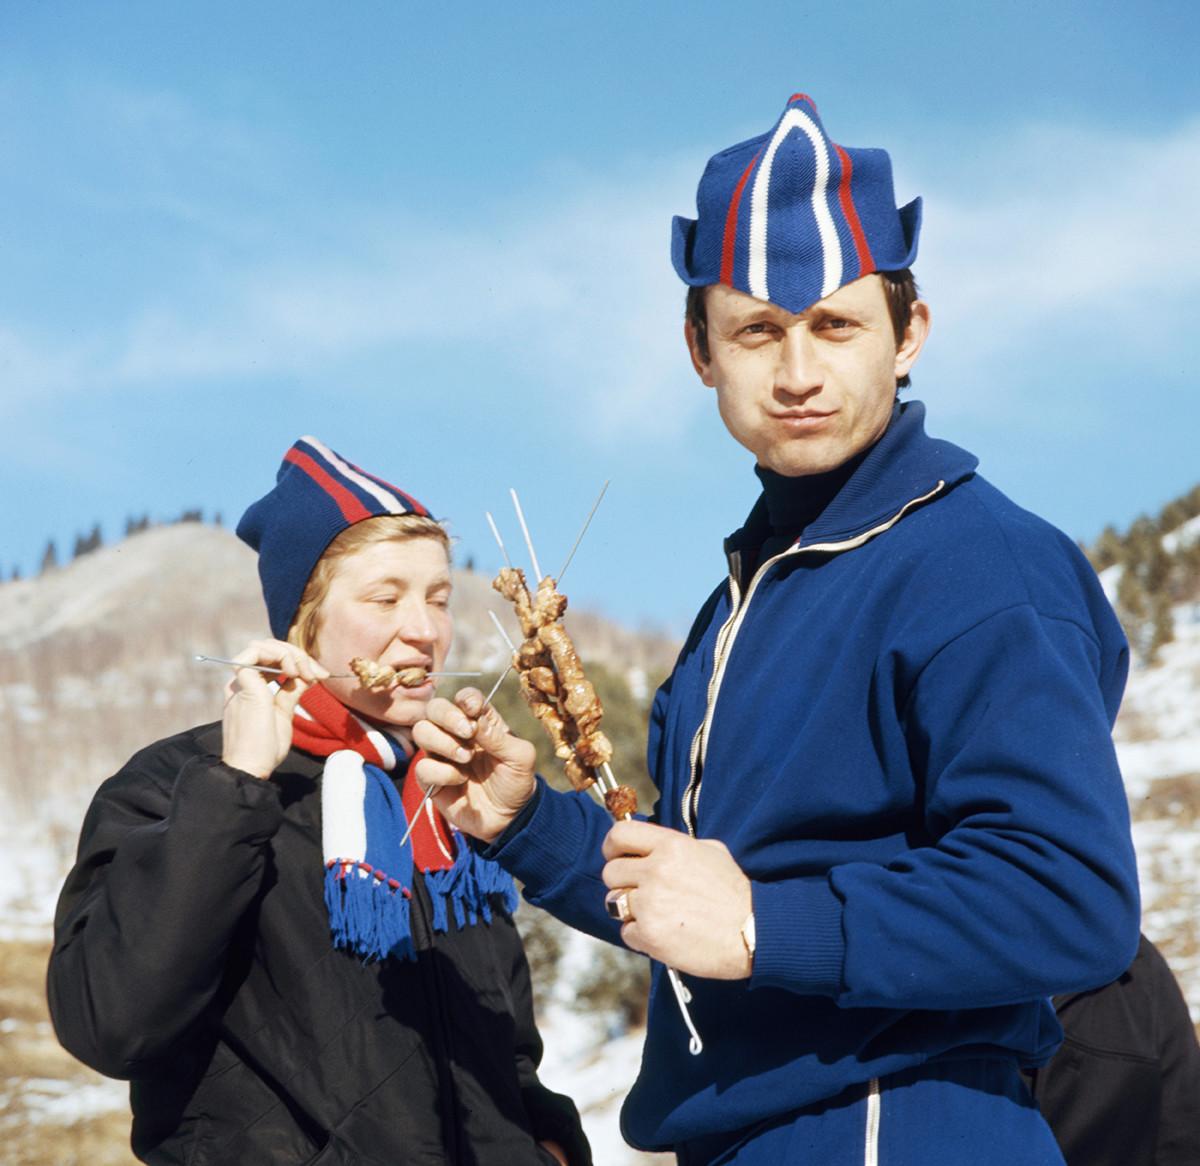 メデウで休憩するスピードスケートソ連代表のリュドミラ・フェチナとワレリー・カプラン、カザフ共和国アルマ・アタ、1970年